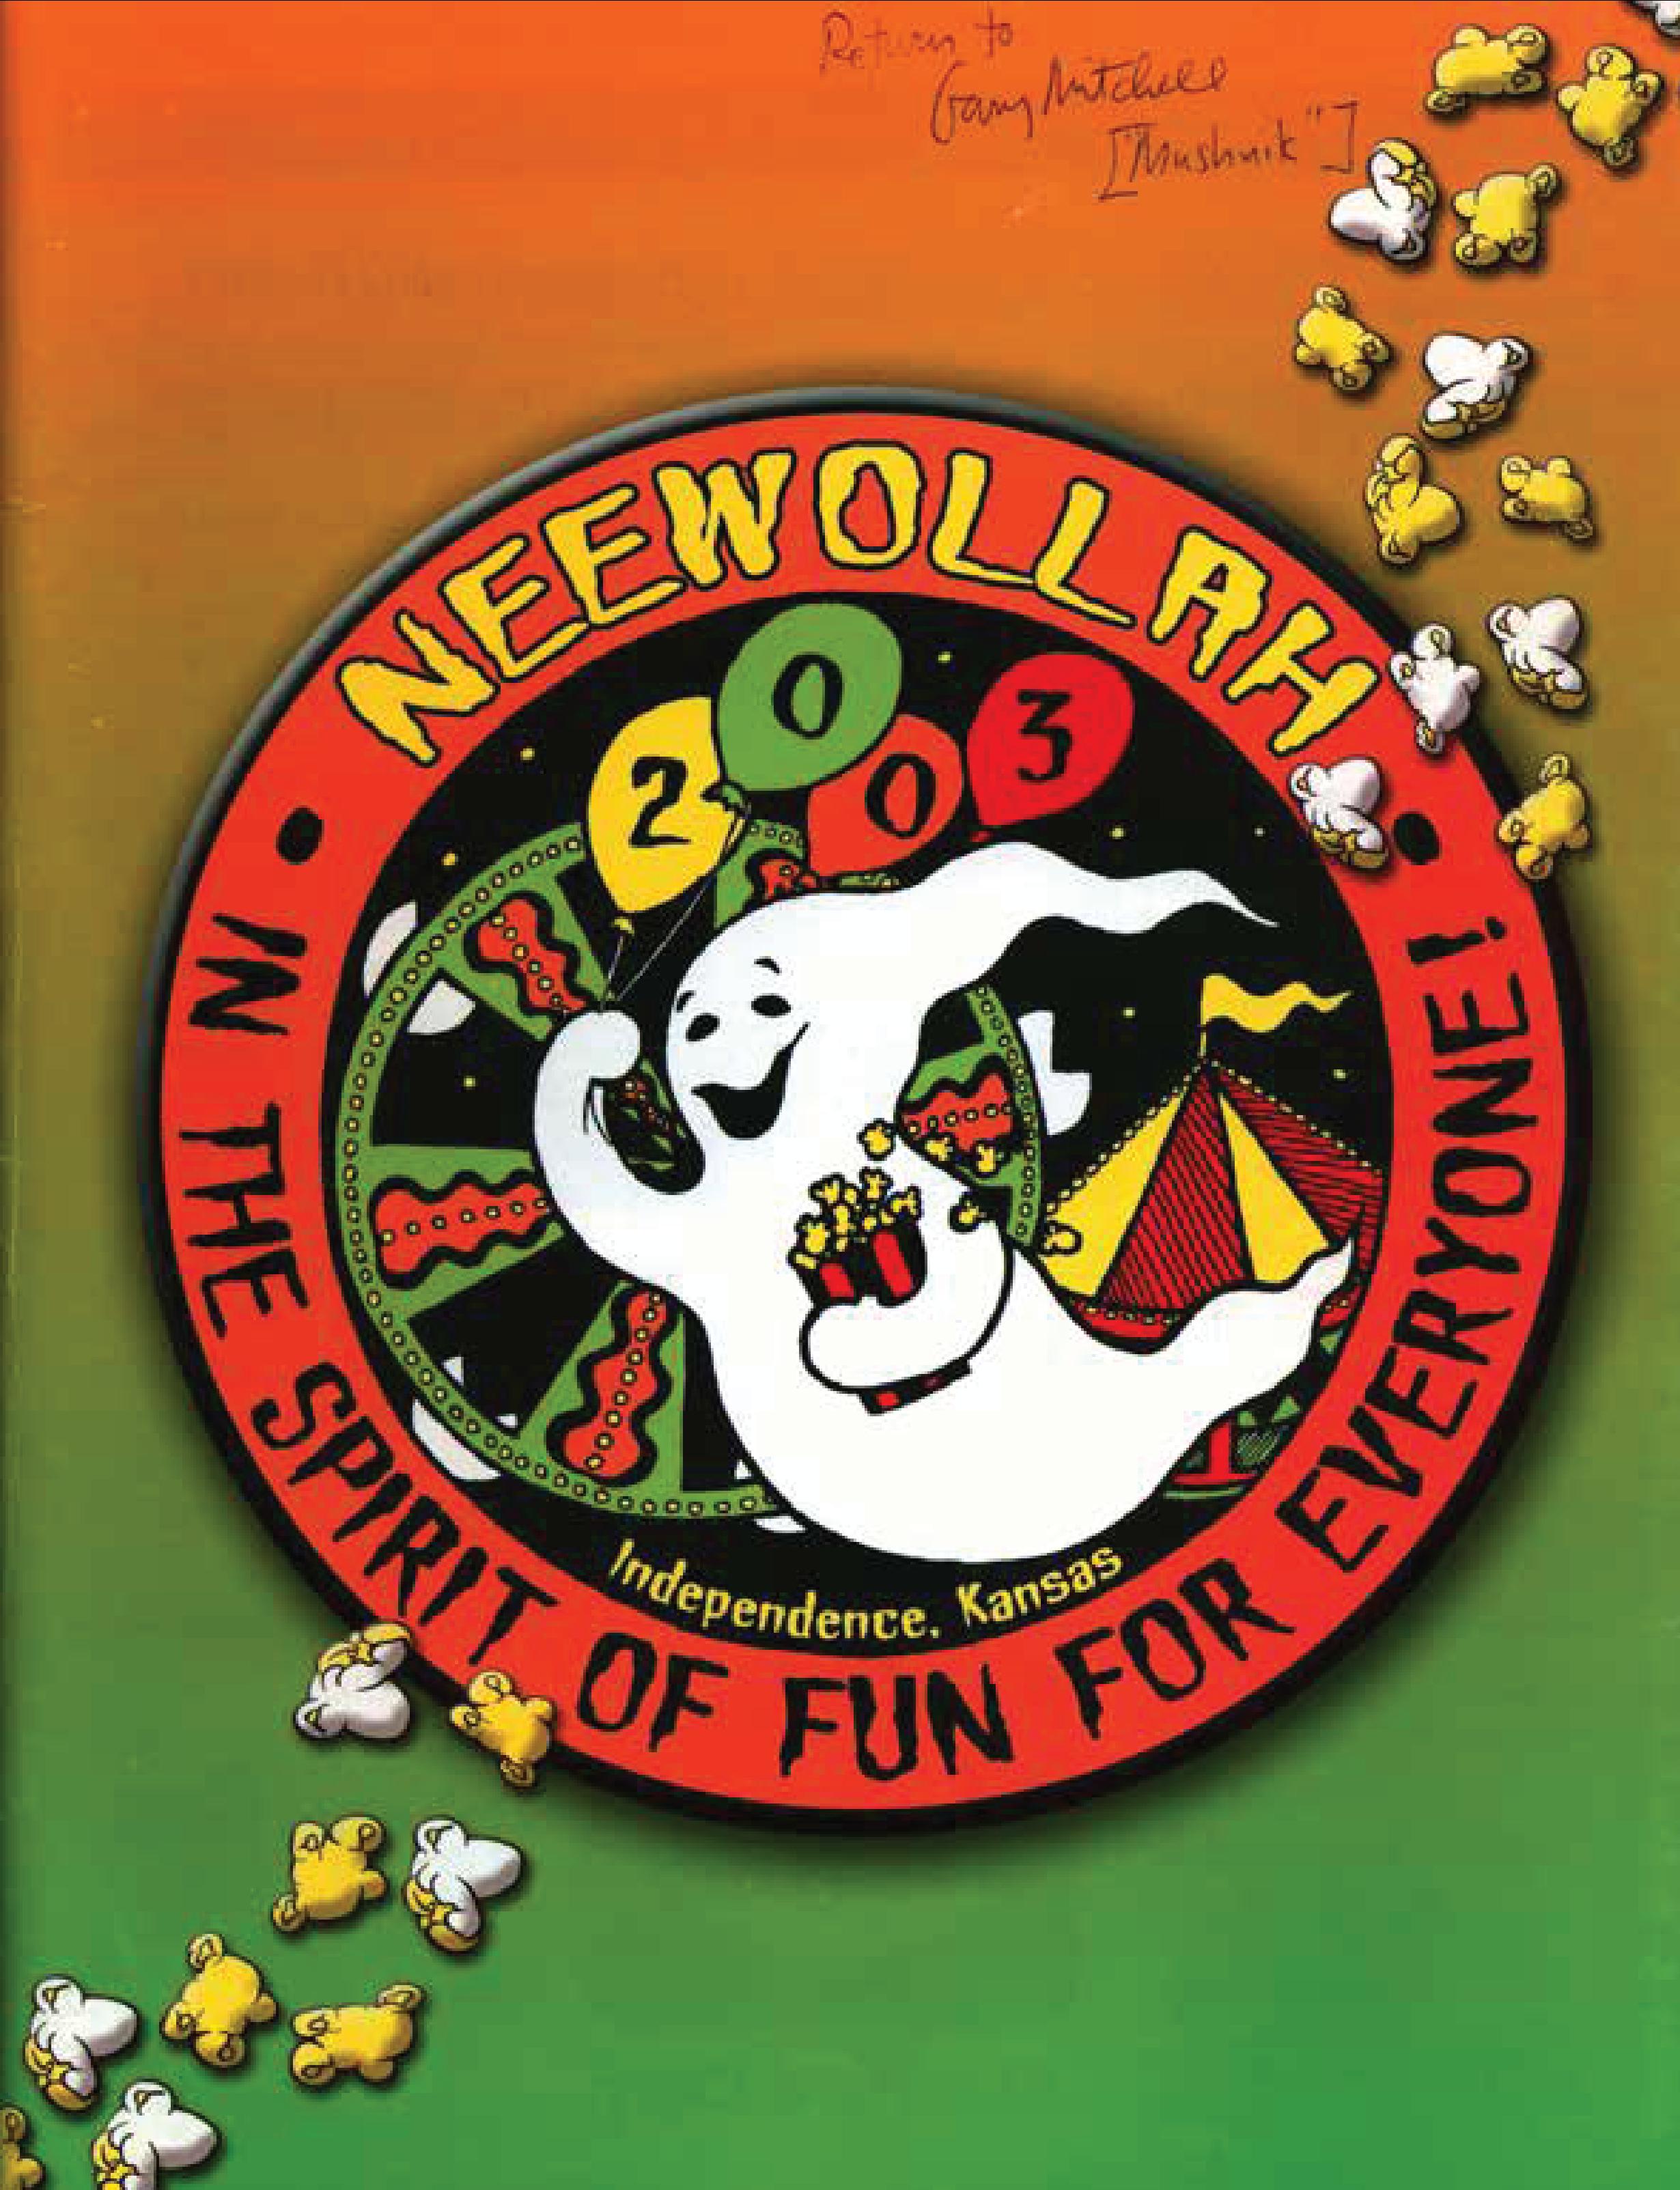 Neewollah 2003